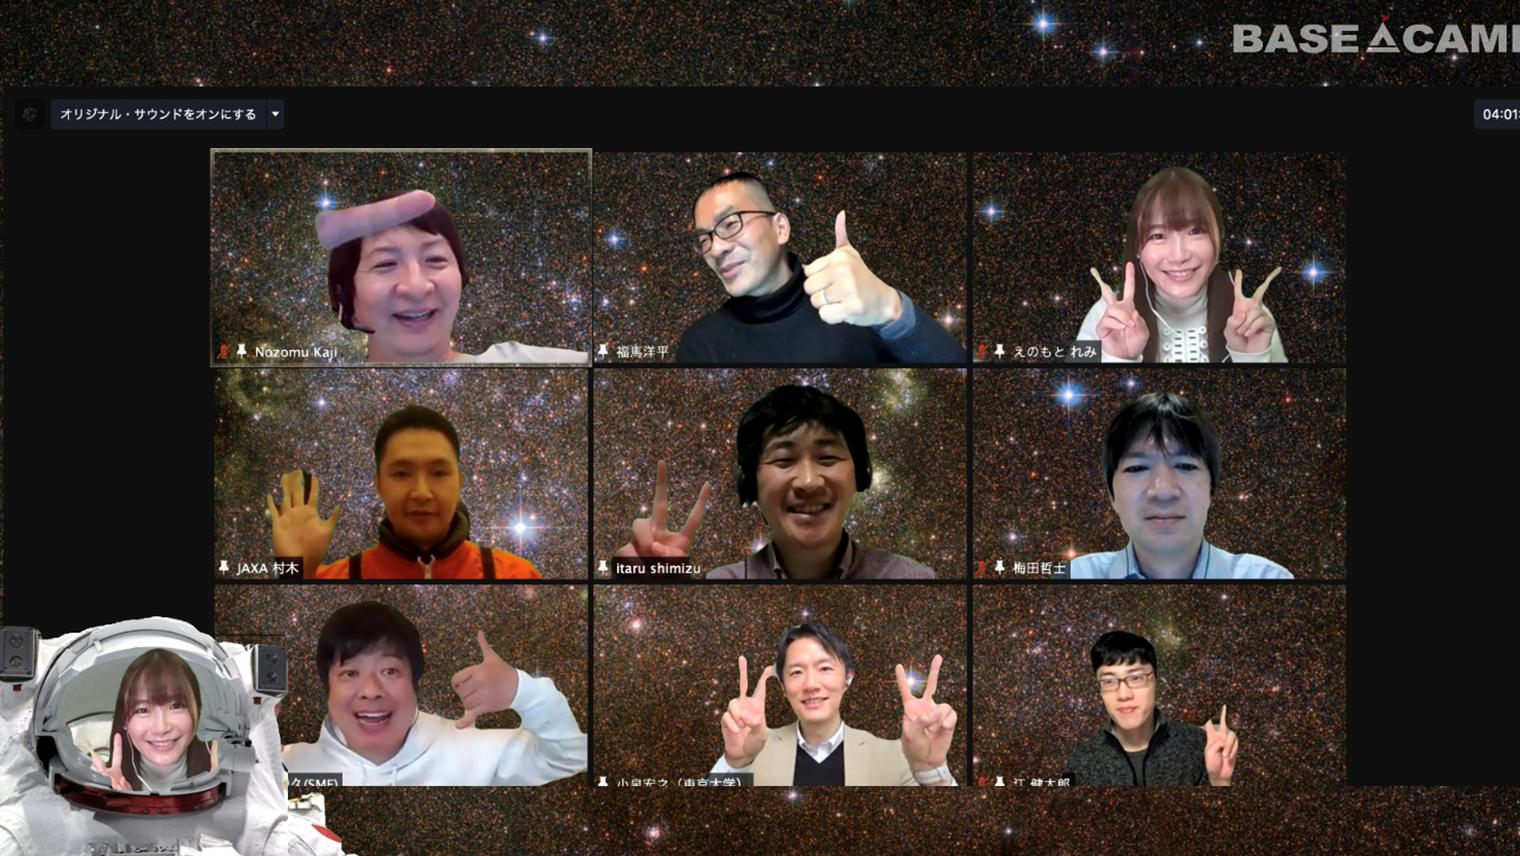 ウェブ会議サービスの画面が宇宙の背景になっている、六人の男女の顔が映し出されている写真